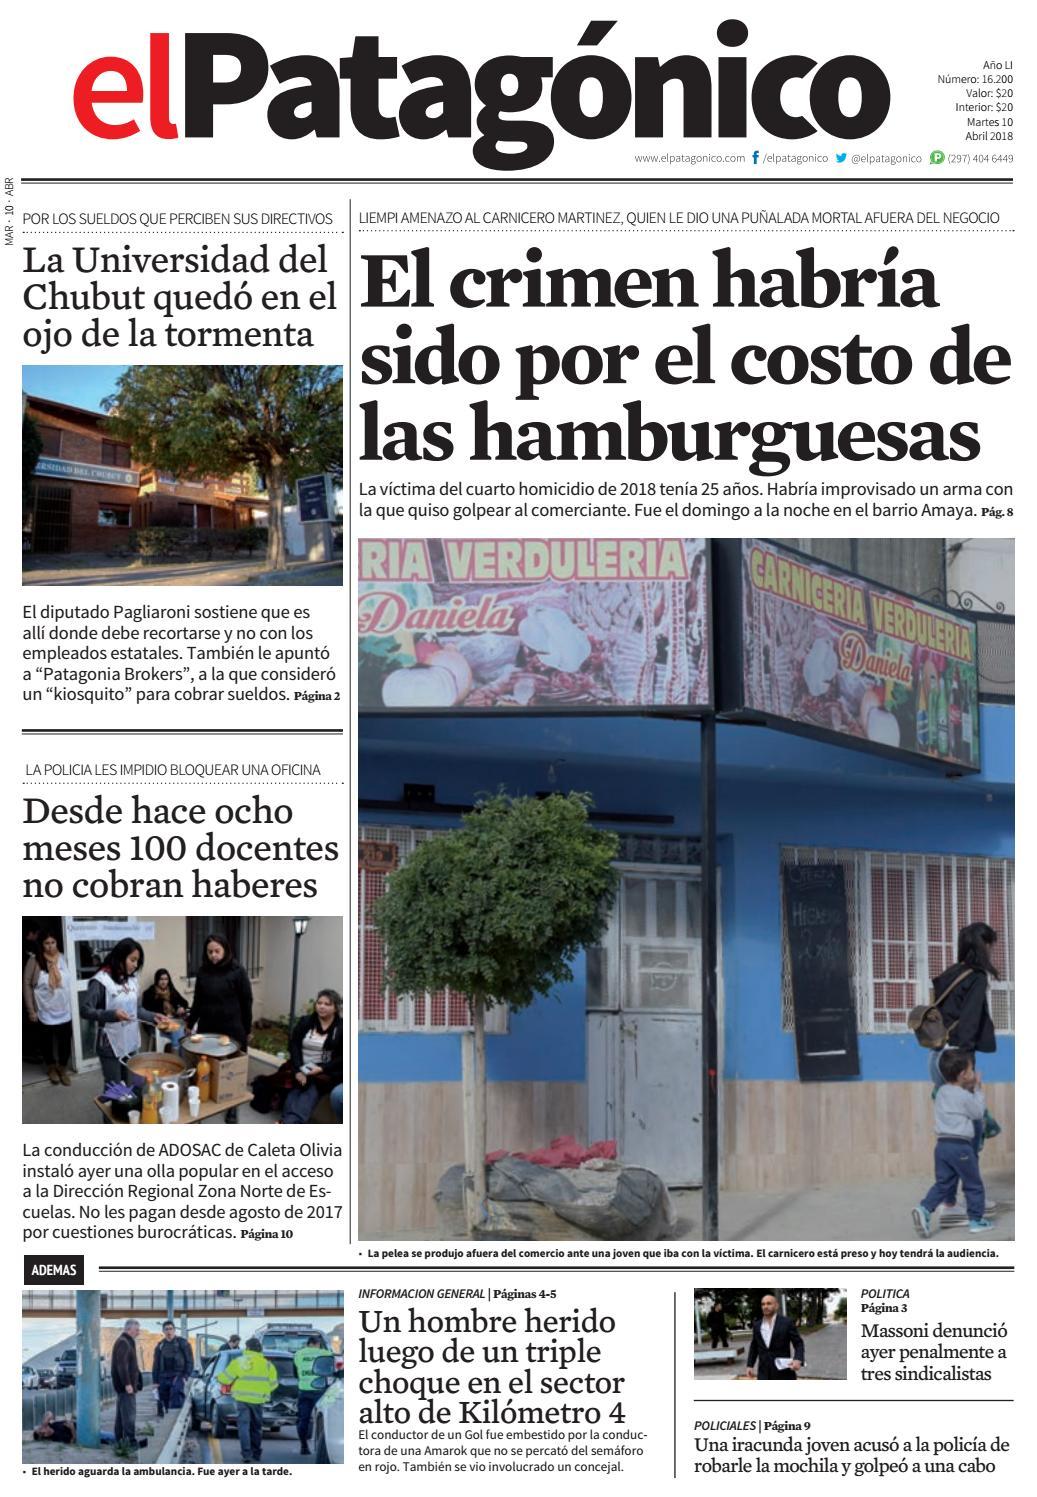 Hombres alfaro y alrededores en Chubut-3254